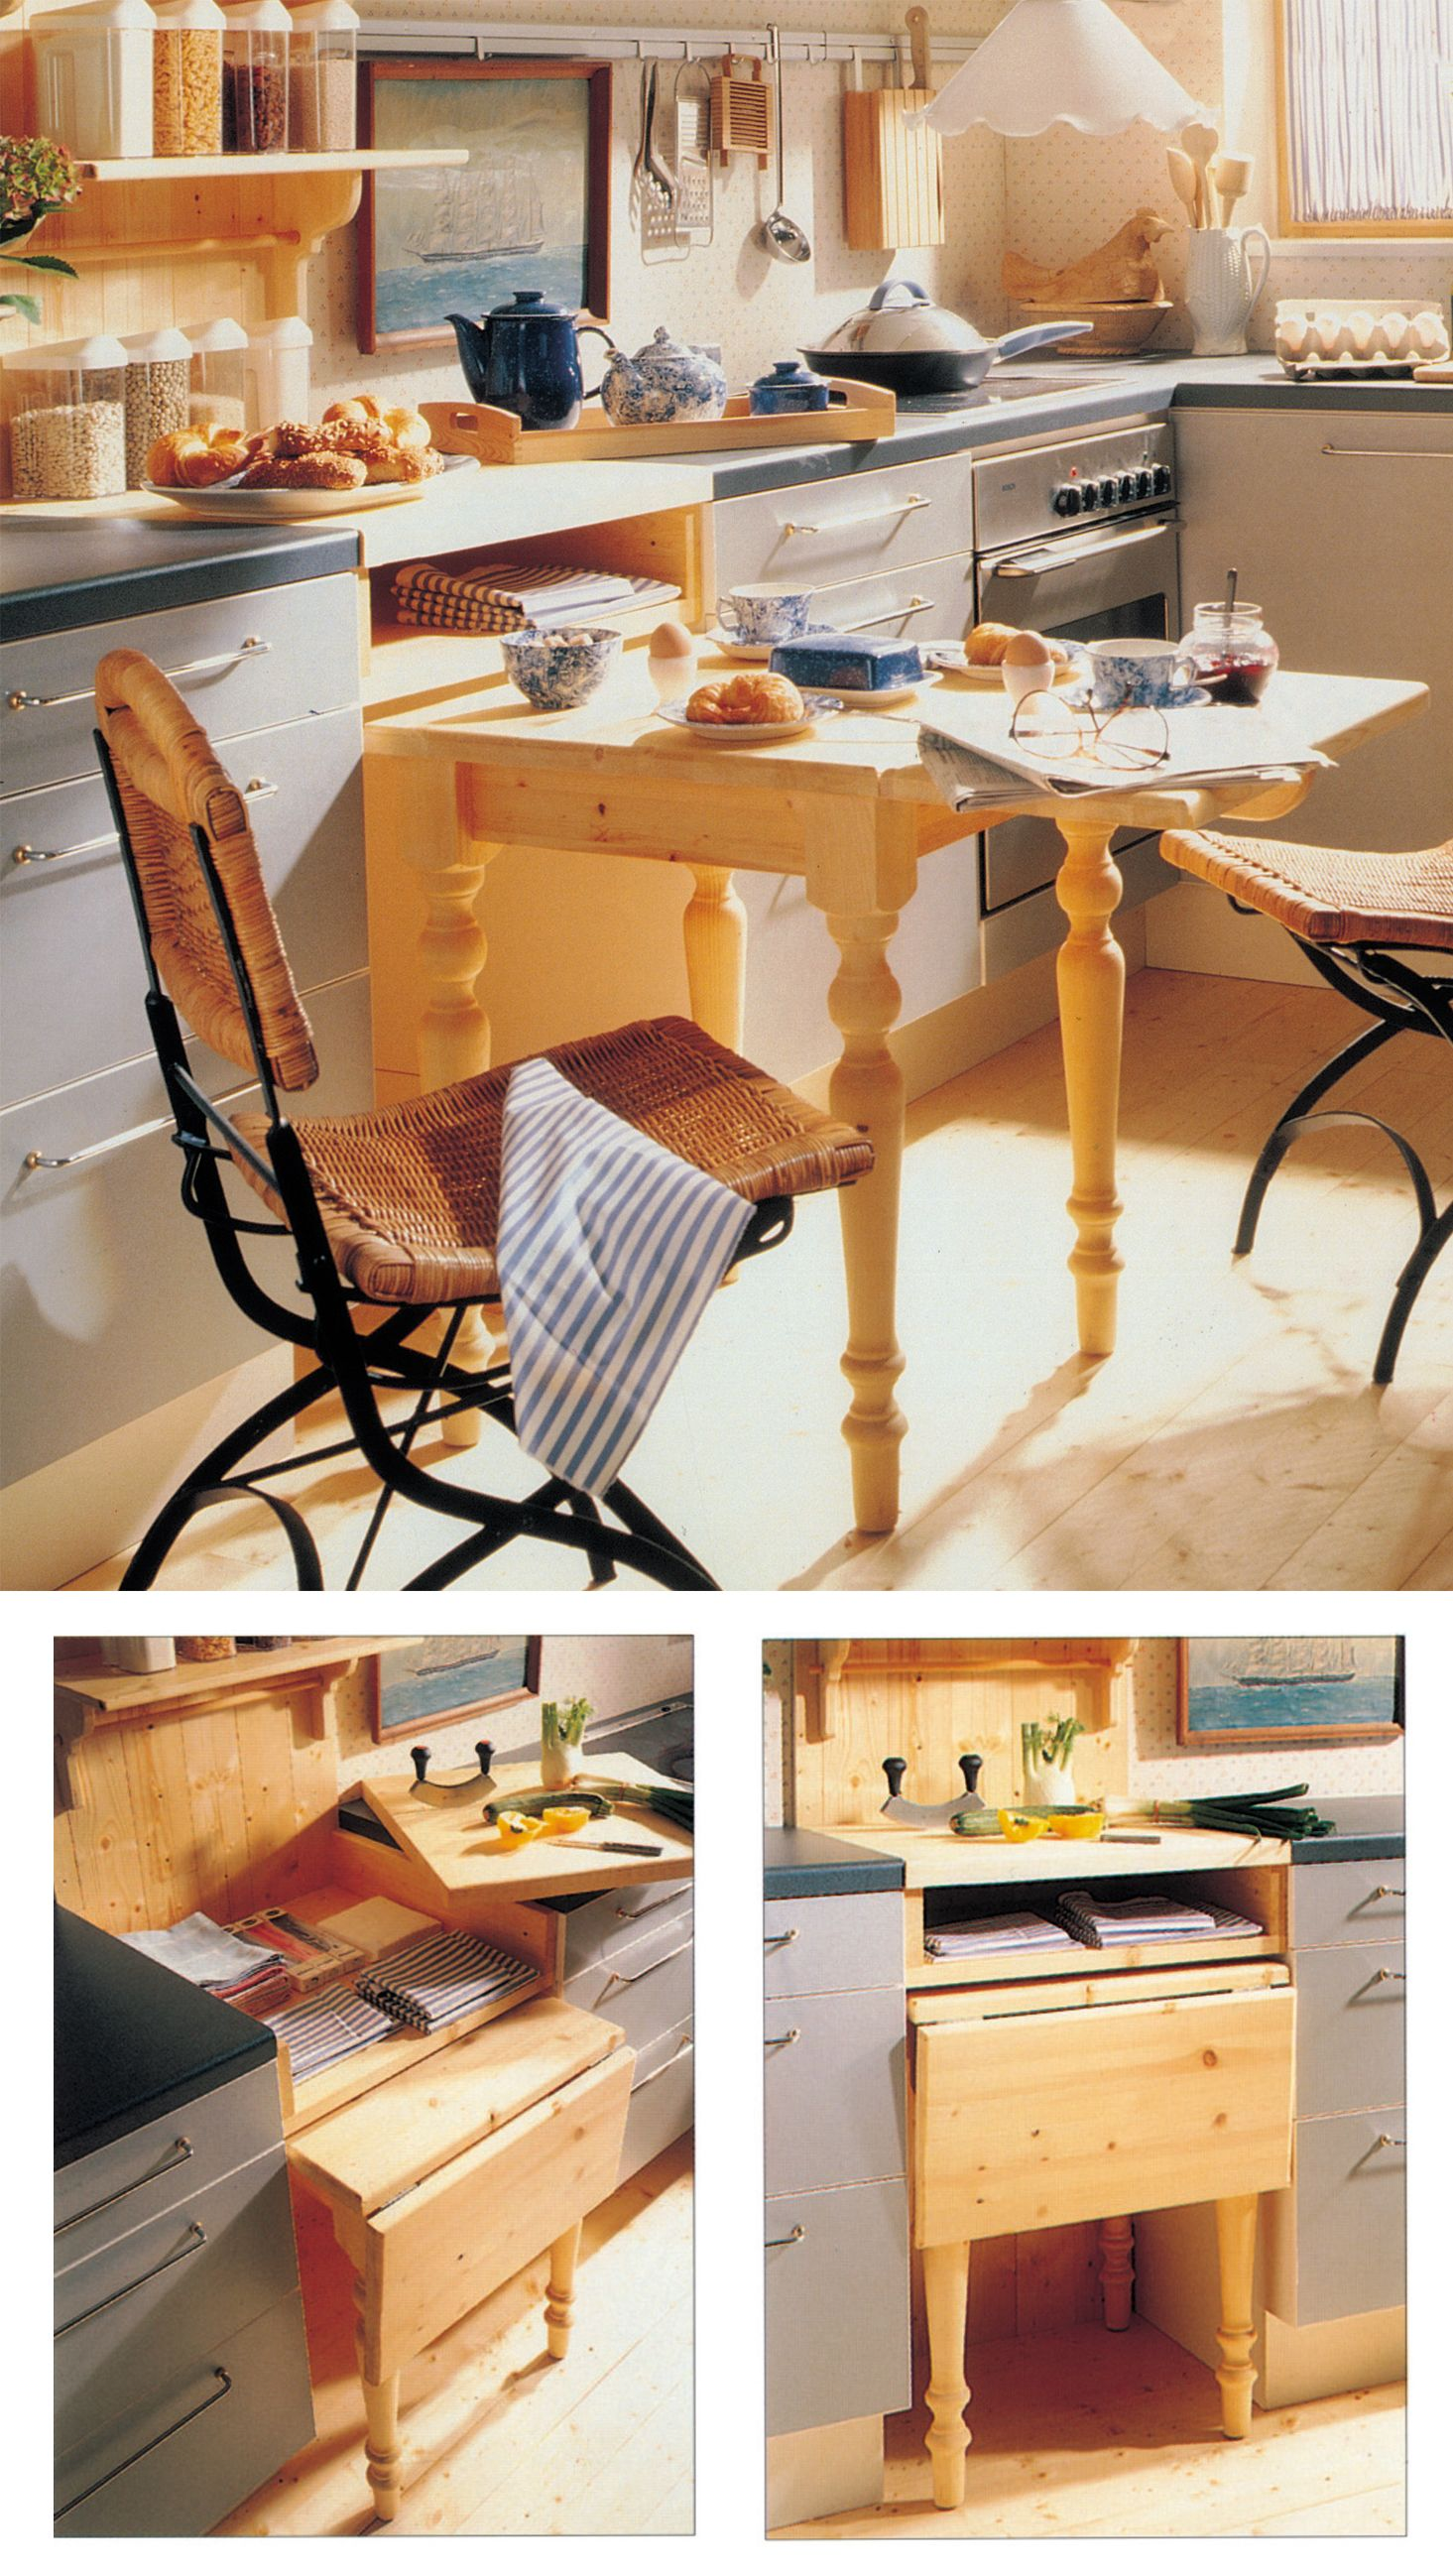 Come costruire un tavolo estraibile a scomparsa per la ...